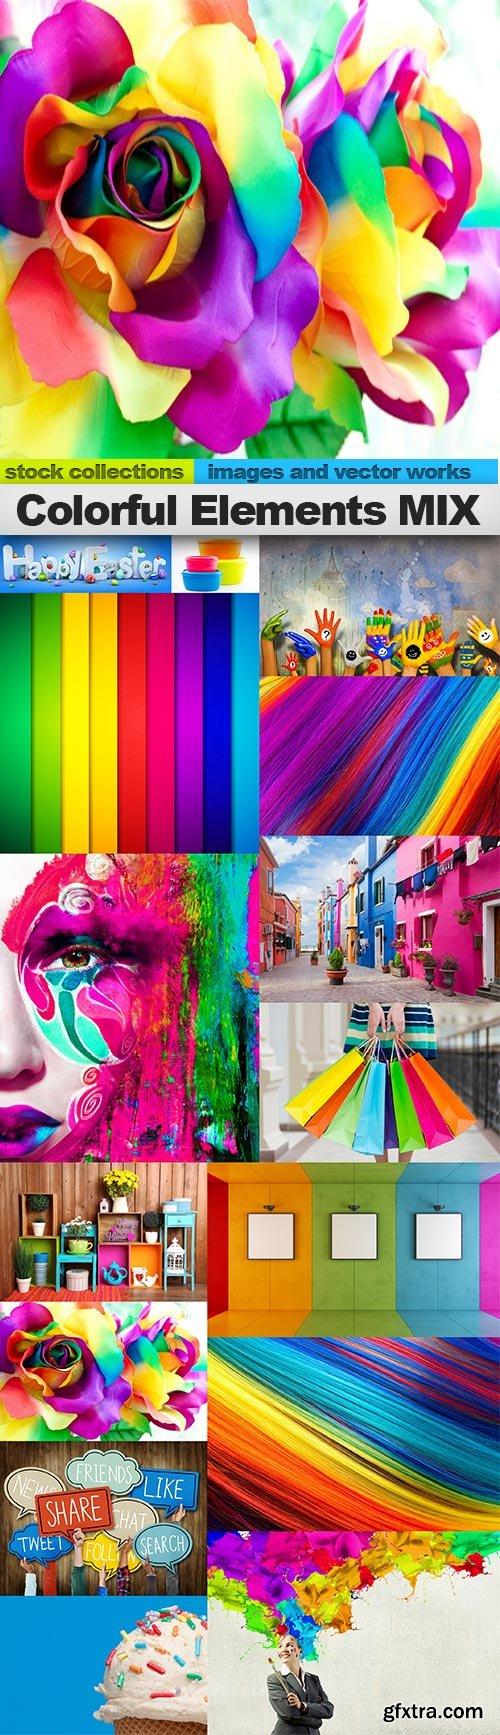 Colorful Elements MIX, 15 x UHQ JPEG